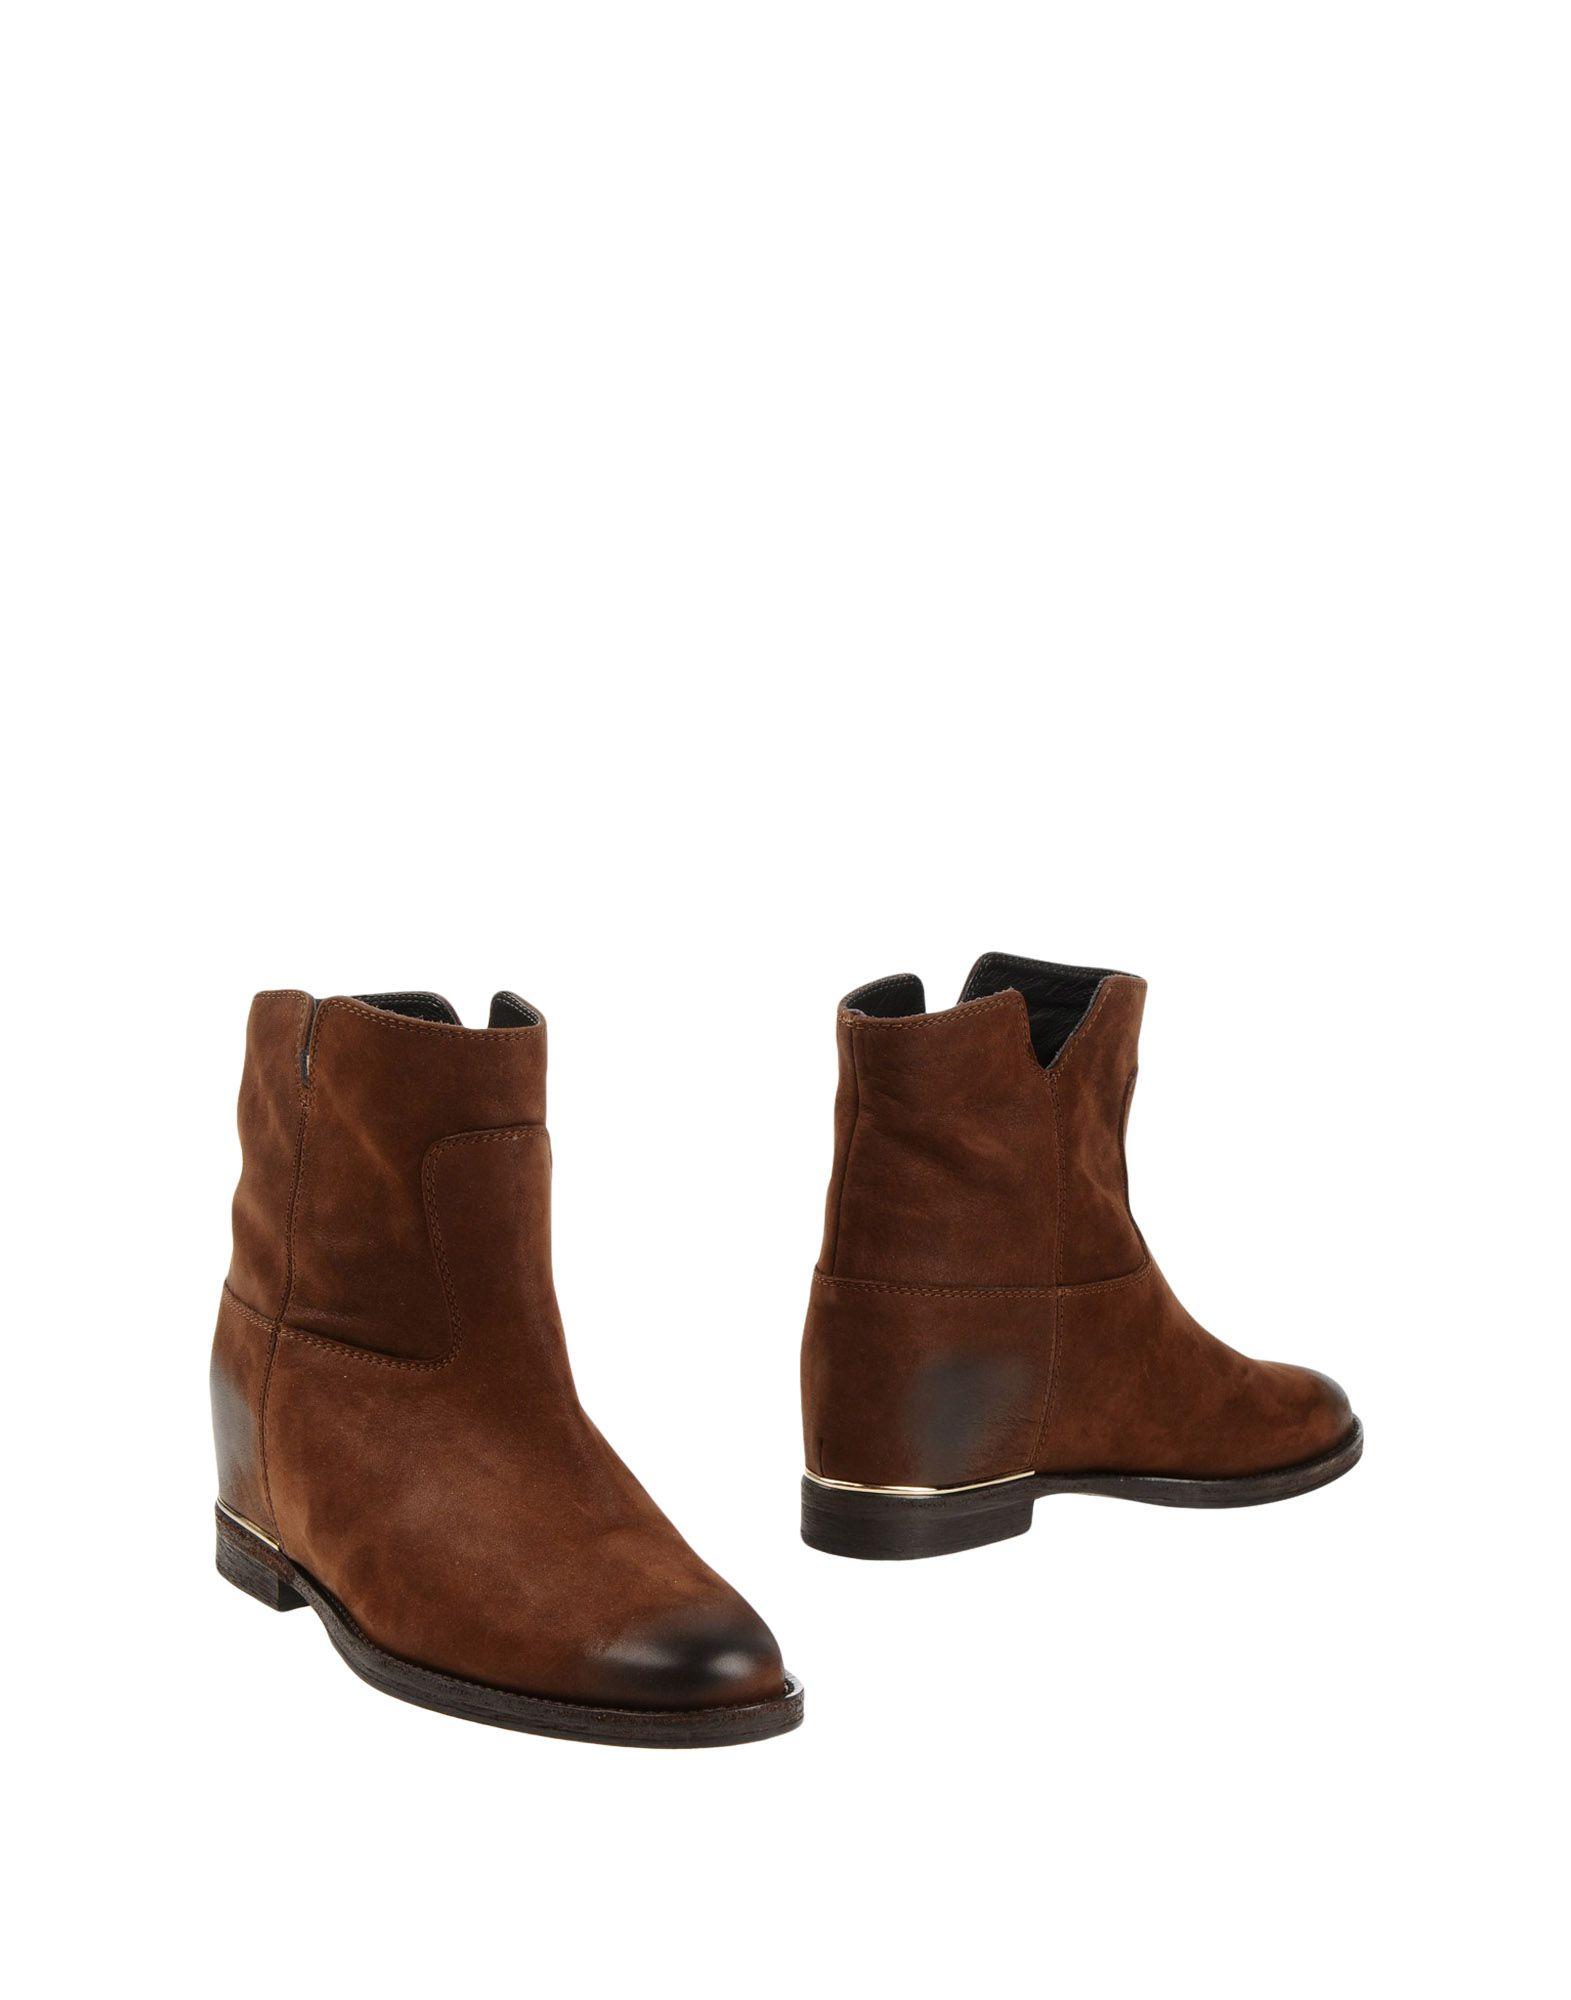 Michel Rego Stiefelette Damen  11398919CV Gute Qualität beliebte Schuhe